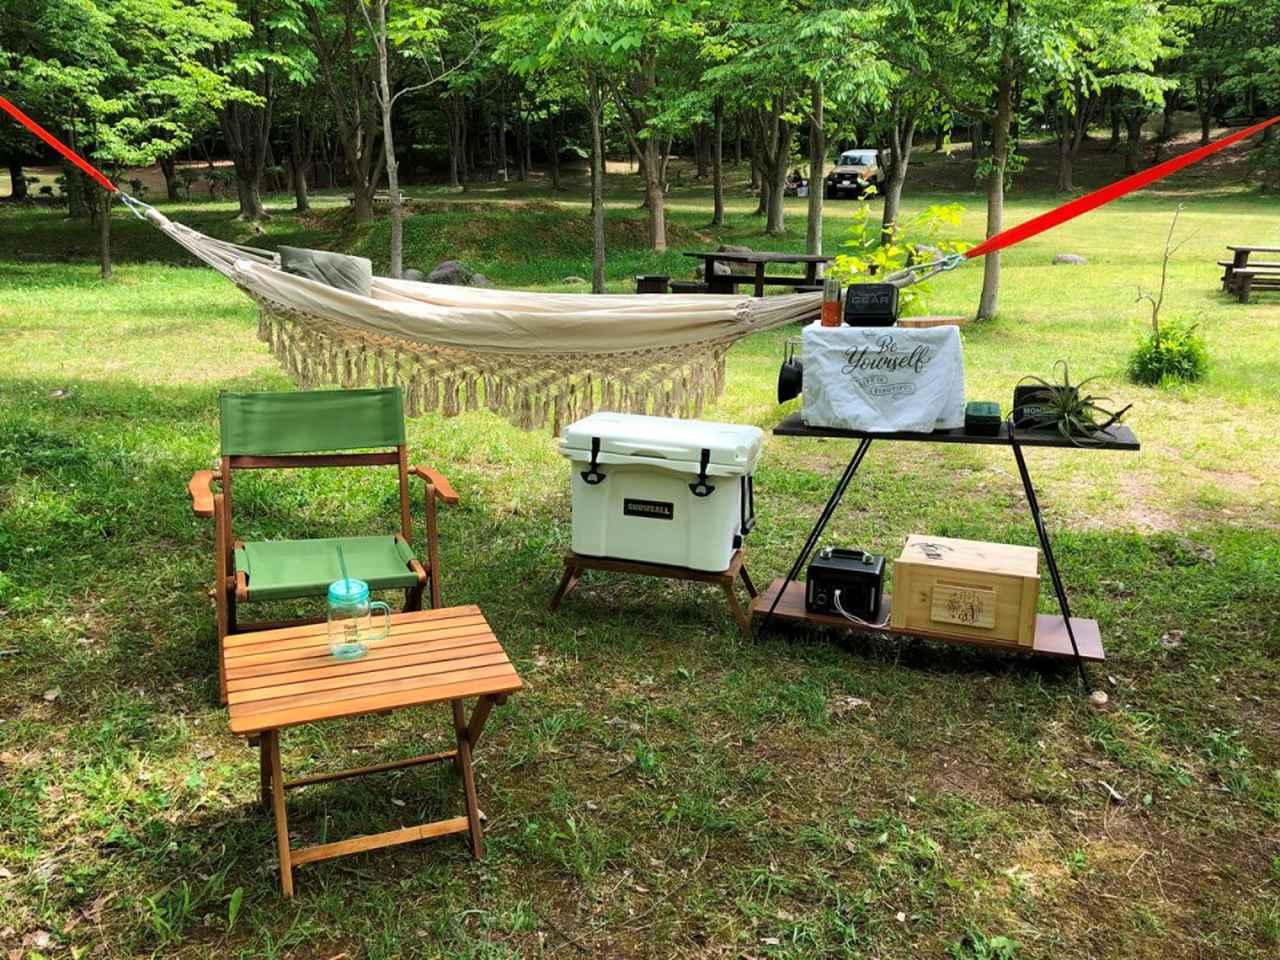 画像: 【カスタム・DIY】「シェルフコンテナ」や「トランクカーゴ」など 収納BOXを自作しよう! カスタマイズアイデアをご紹介 - ハピキャン キャンプ・アウトドア情報メディア